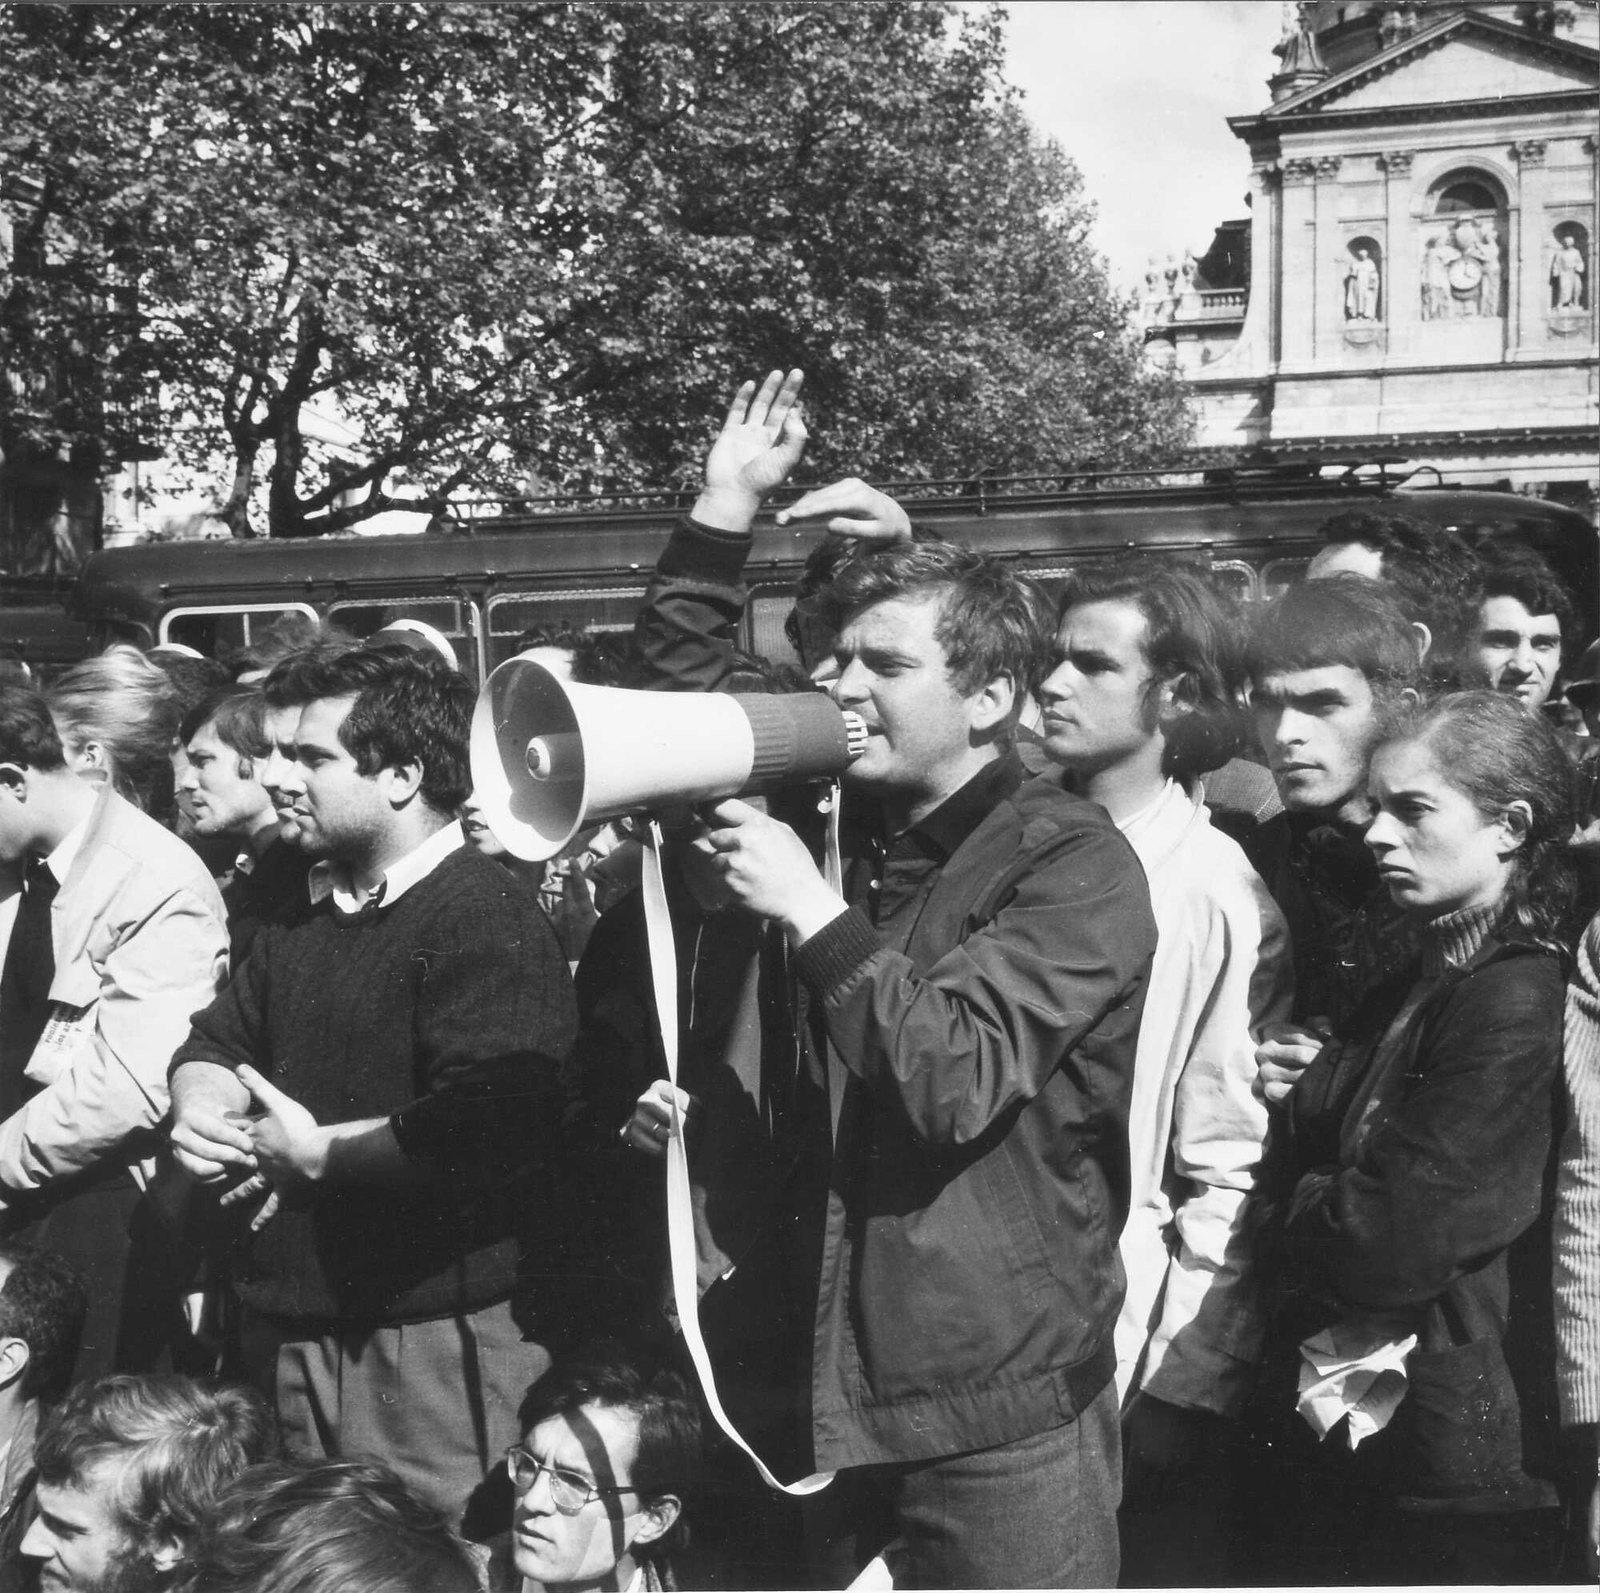 Митинг на улице Виктора Кузена после закрытия Сорбонны